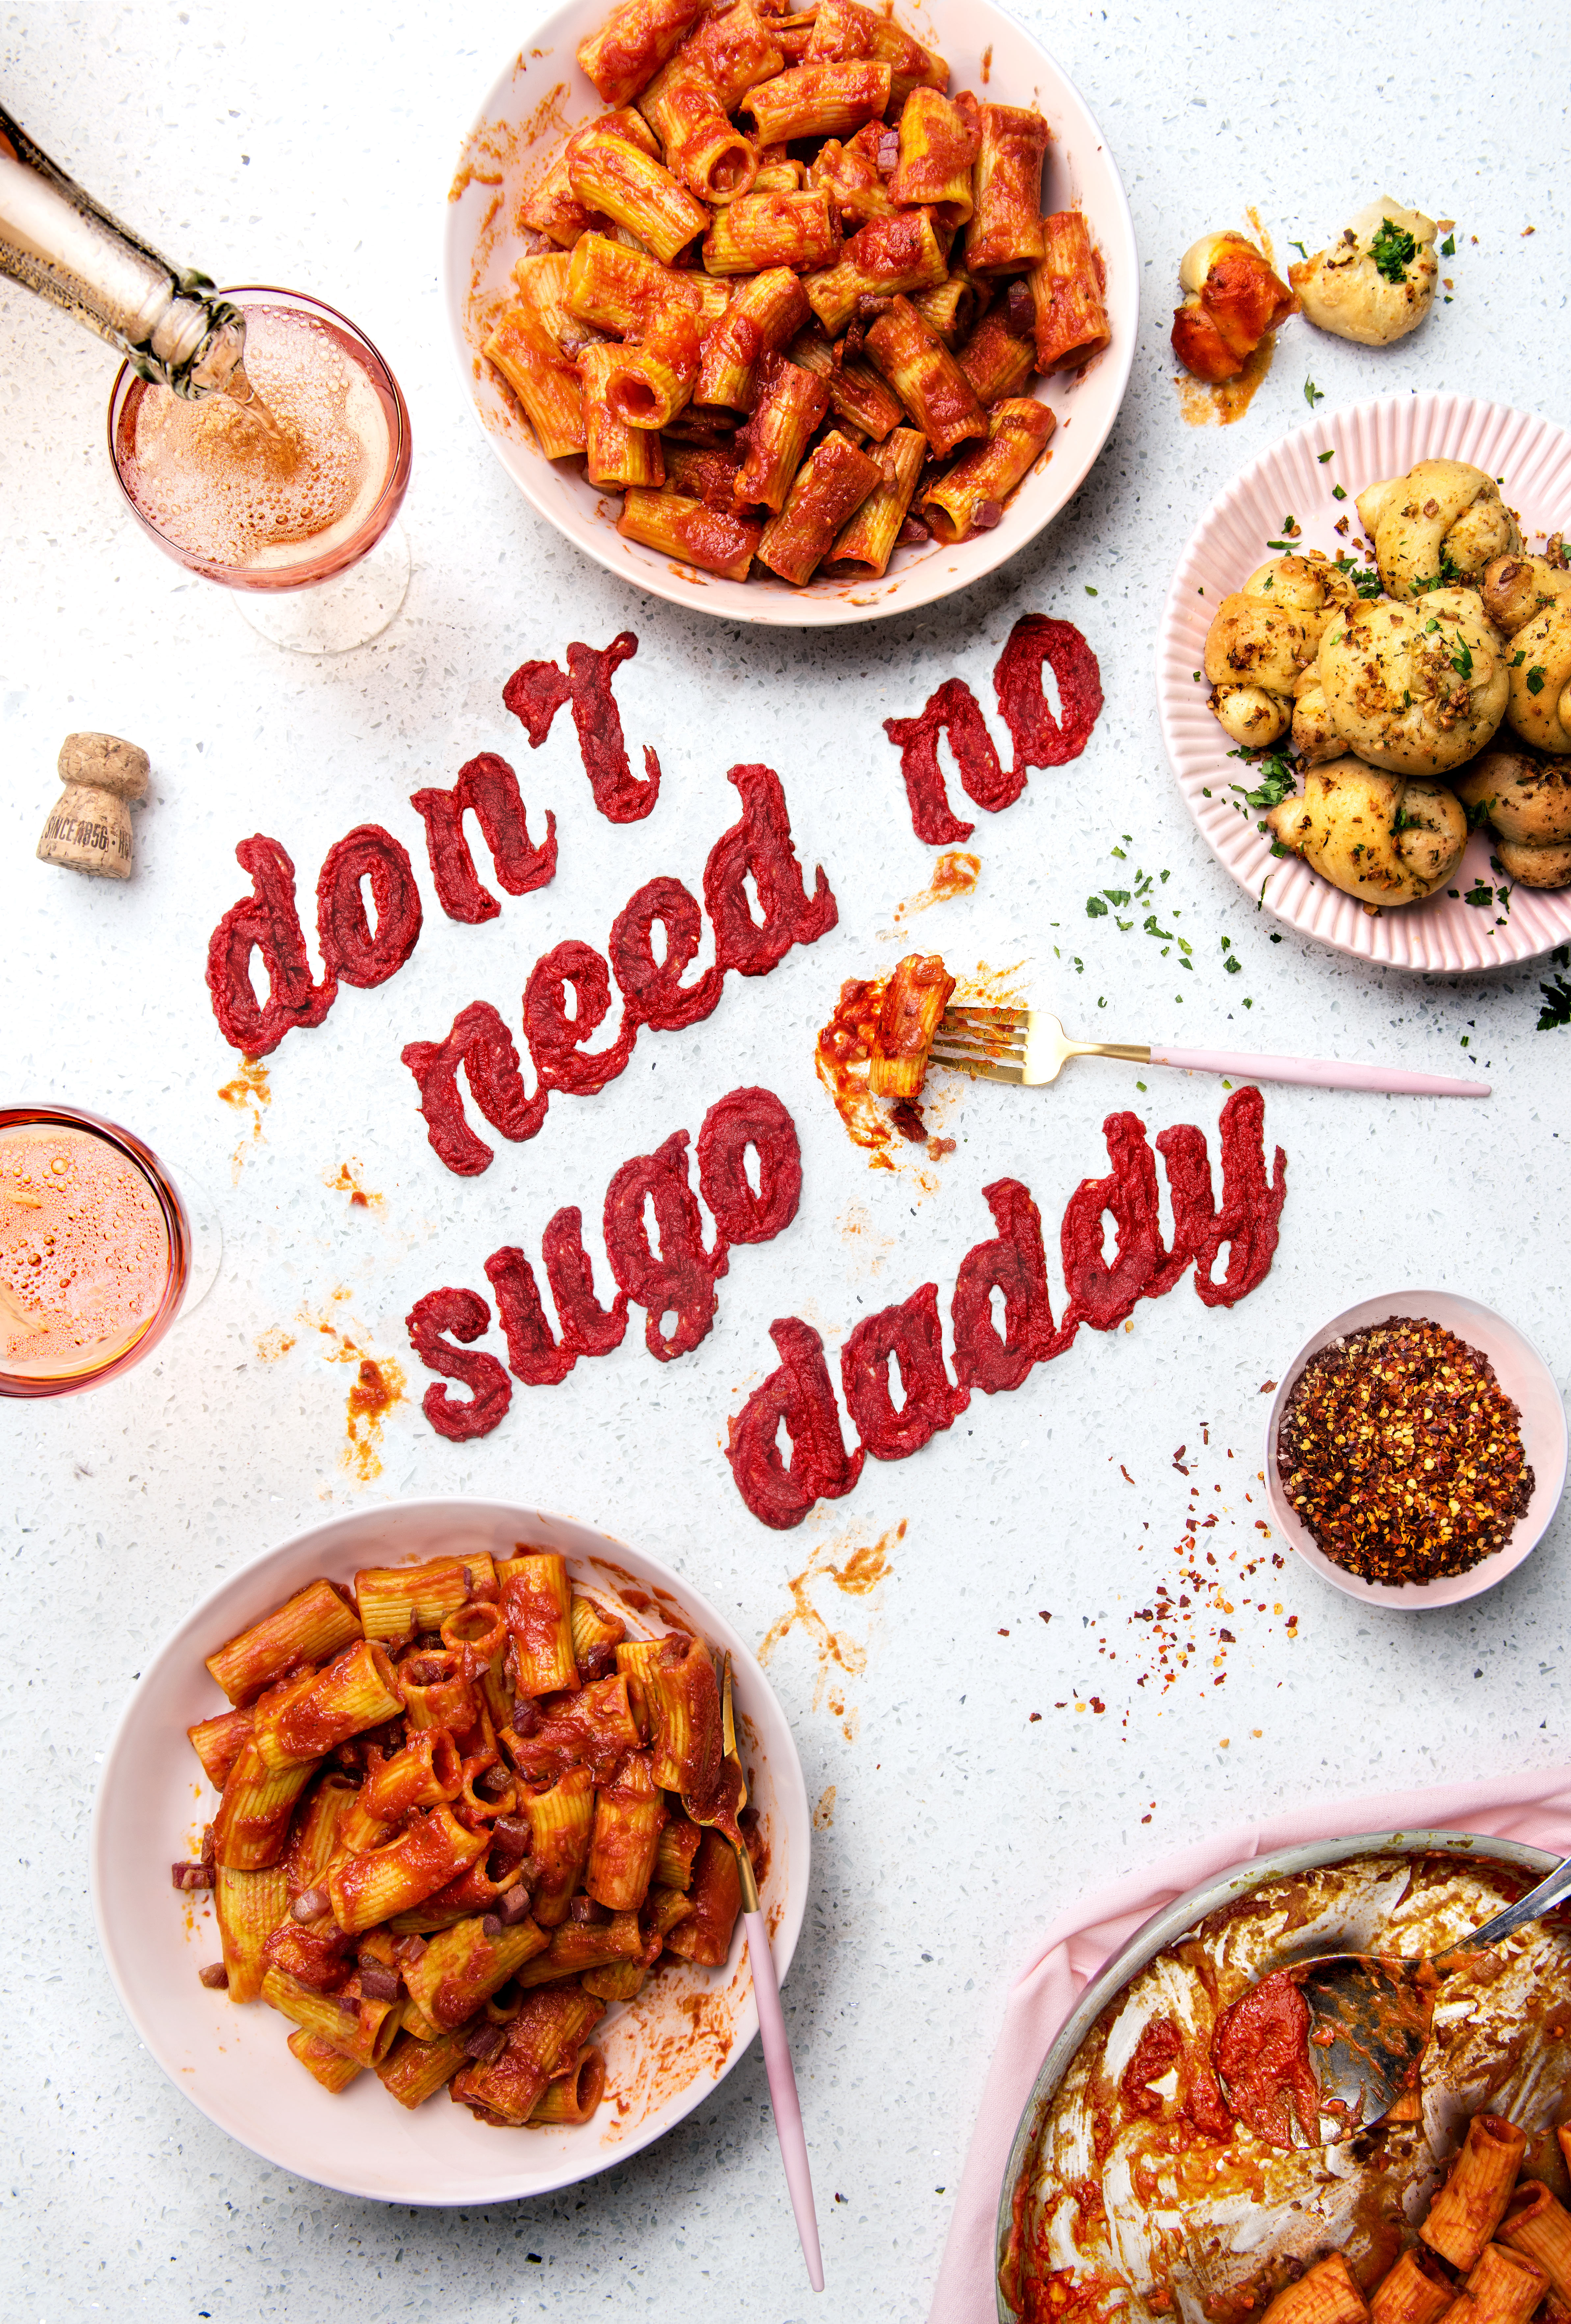 SUGO-DADDY